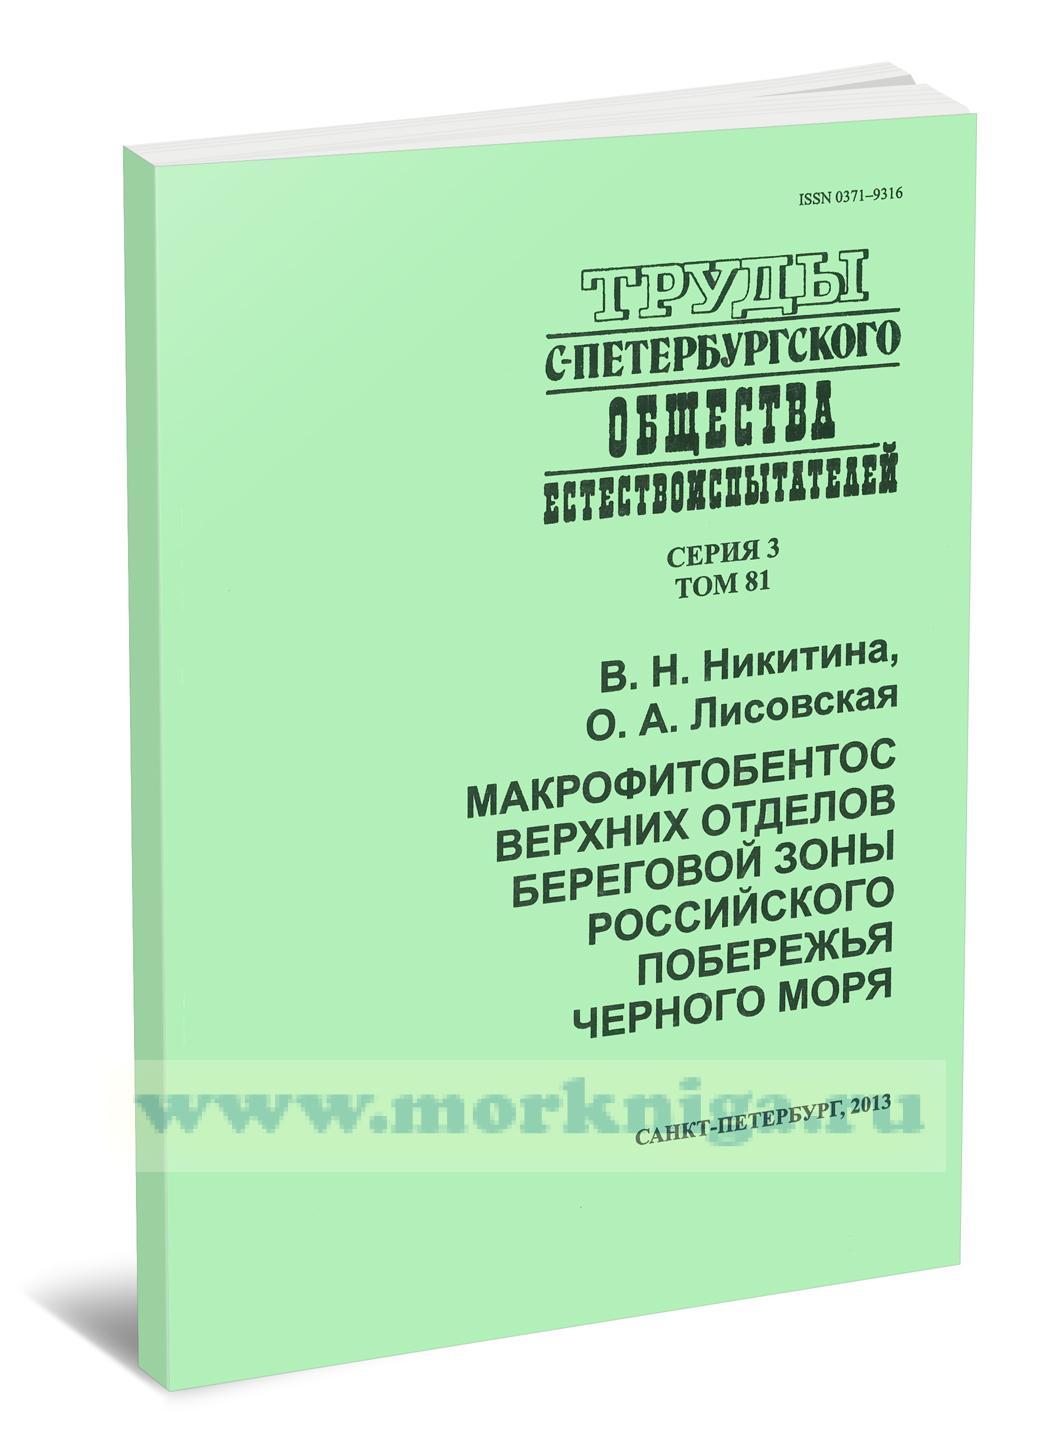 Макрофитобентос верхних отделов береговой зоны российского побережья Черного моря